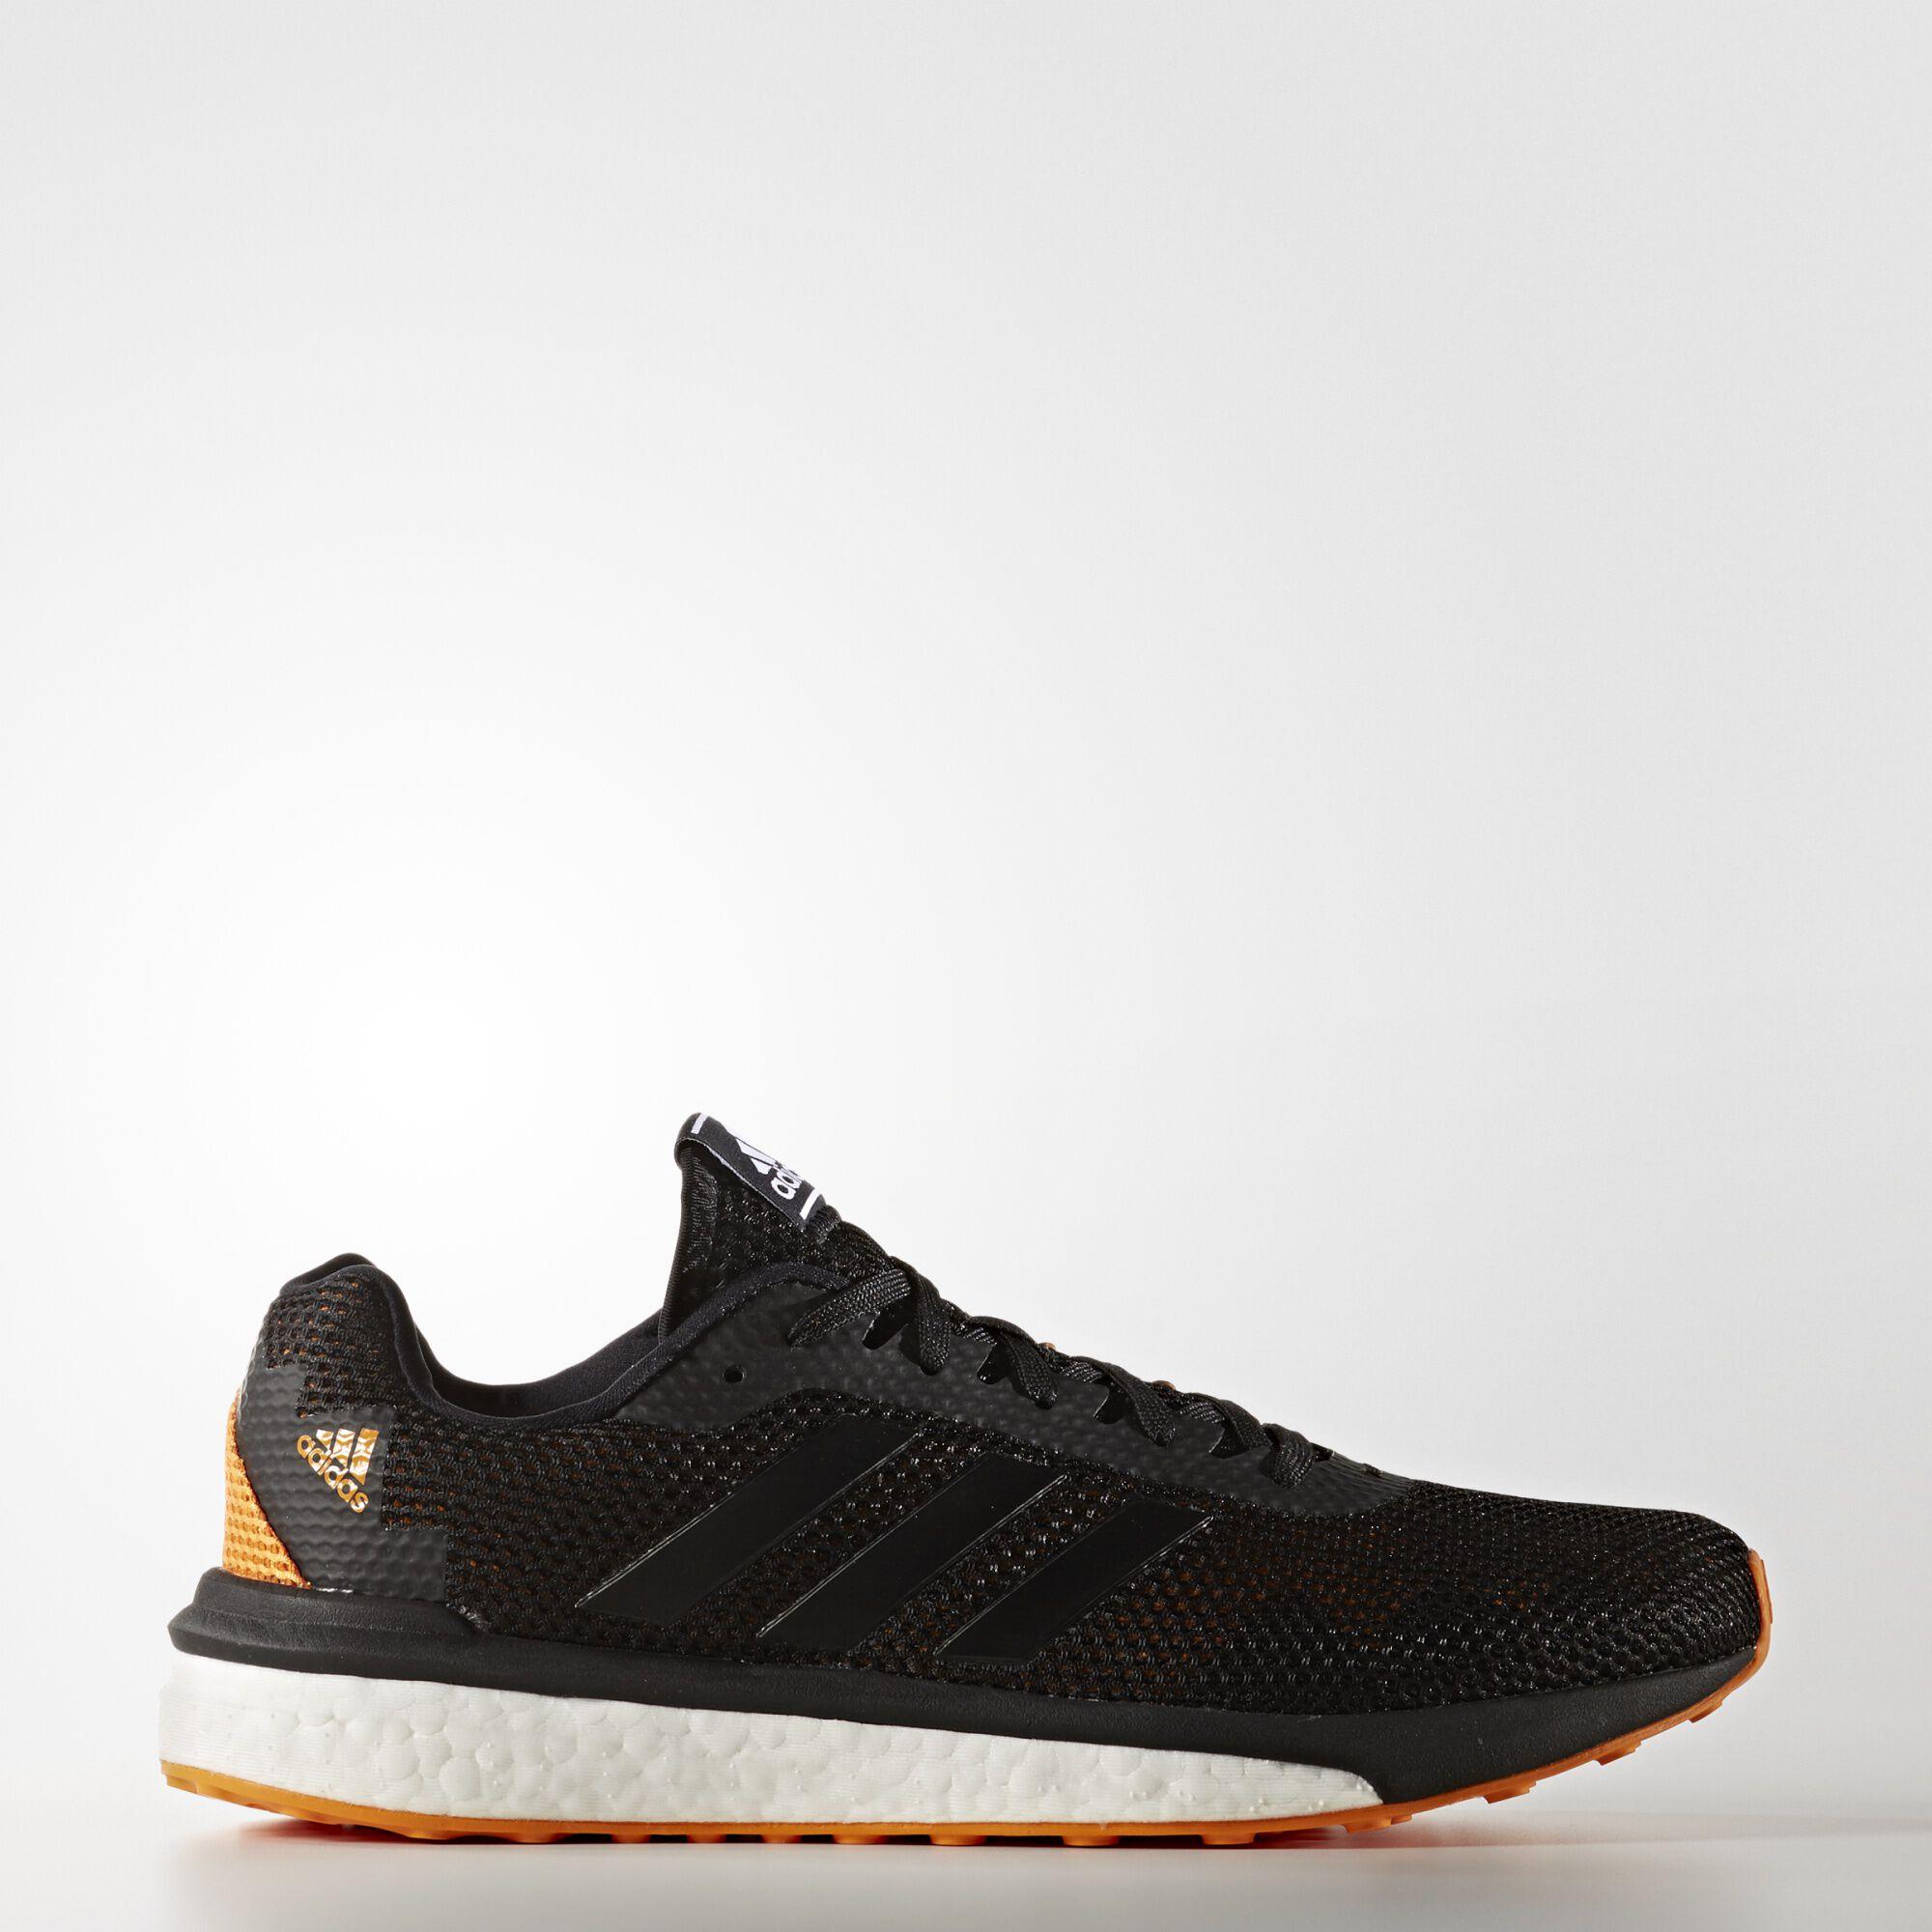 adidas shoes orange and black softwaretutor co uk